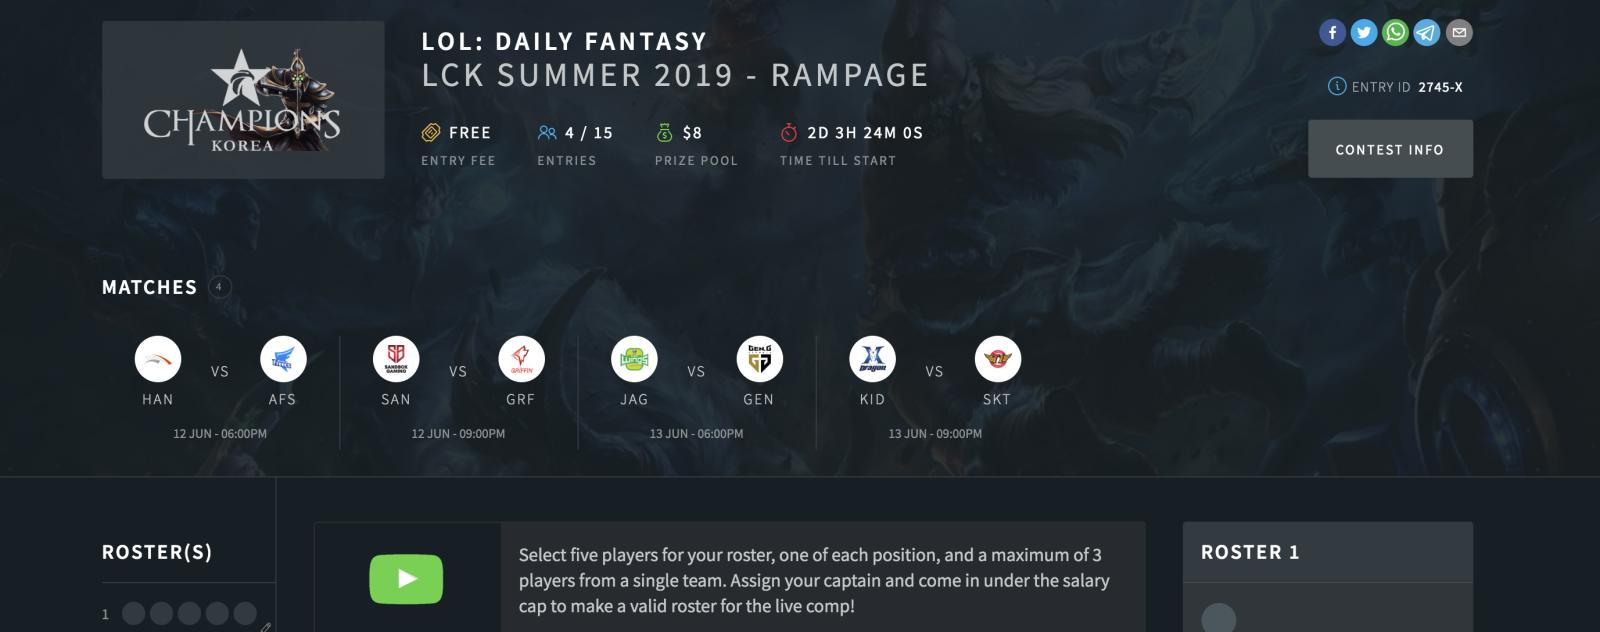 How to Play esports Daily Fantasy